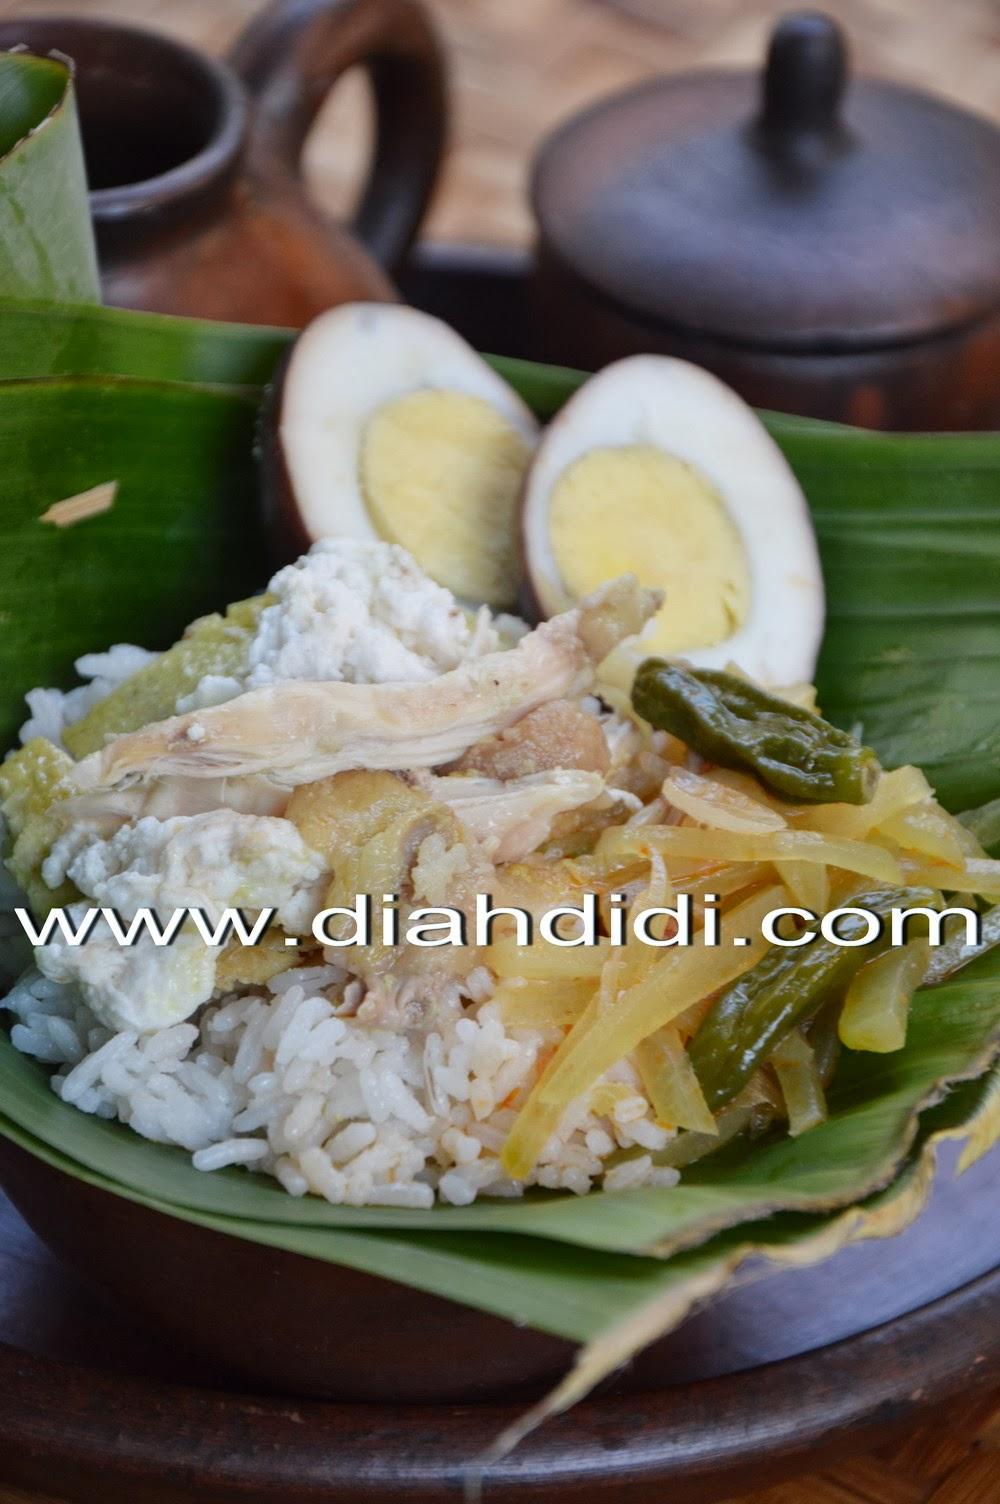 Resep nasi liwet, rasa nasi liwet yang khas, enak dan gurih. Diah Didi S Kitchen Resep Nasi Liwet Solo Komplit